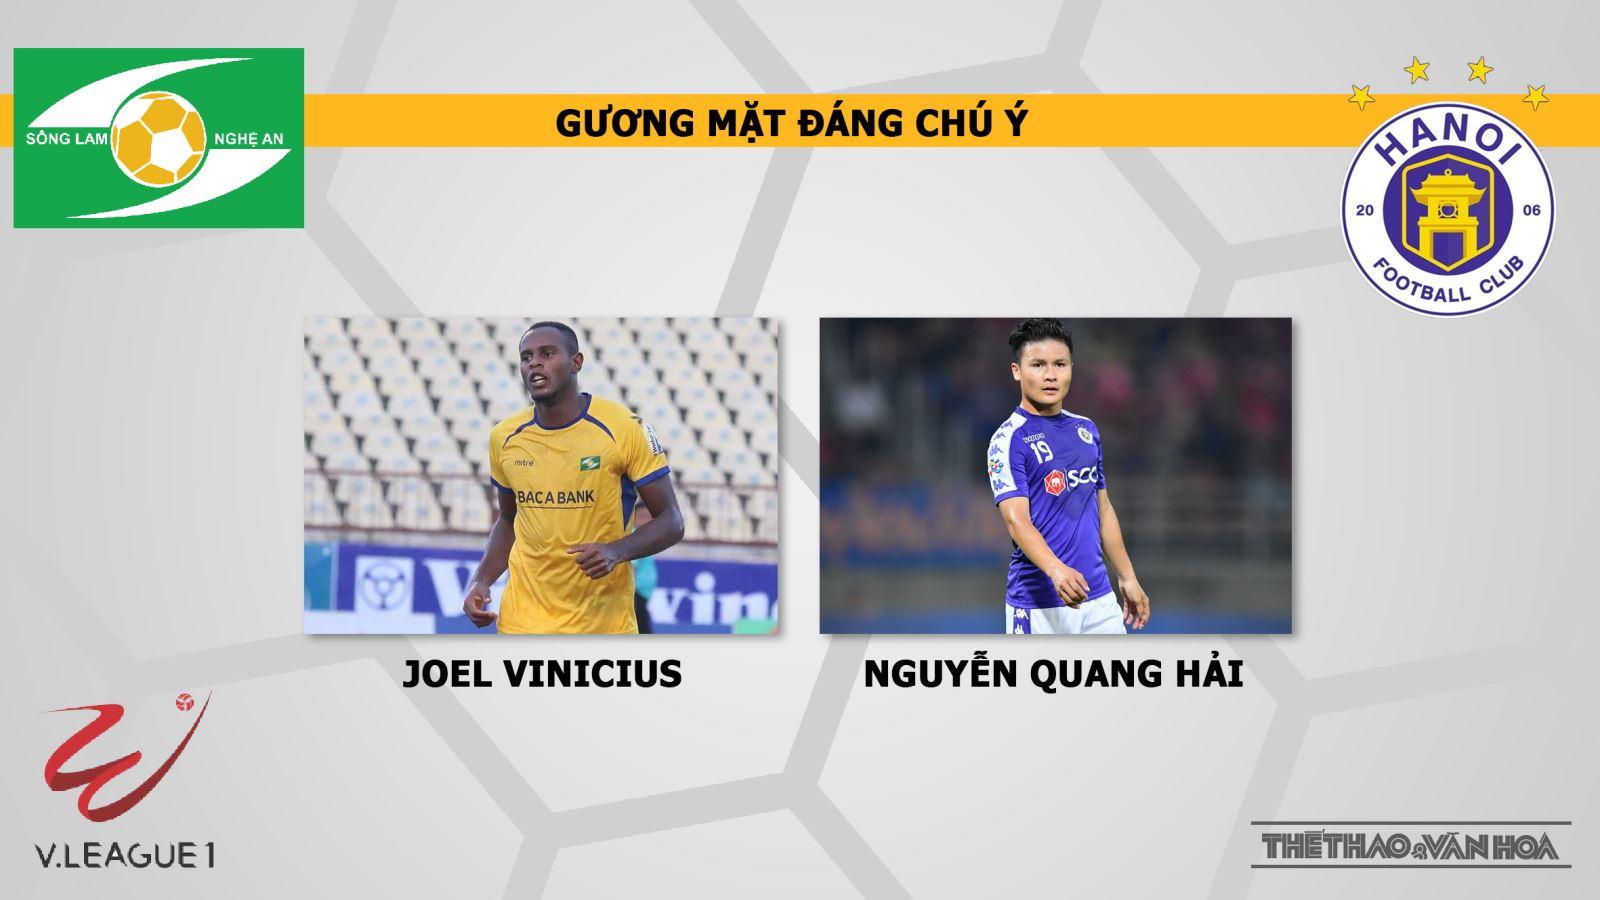 truc tiep bong da hôm nay, VTV6, SLNA đấu với Hà Nội T&T, trực tiếp bóng đá, SLNA vs Hà Nội, soi keo bong da, Sông Lam Nghệ An, xem bóng đá trực tiếp, V League